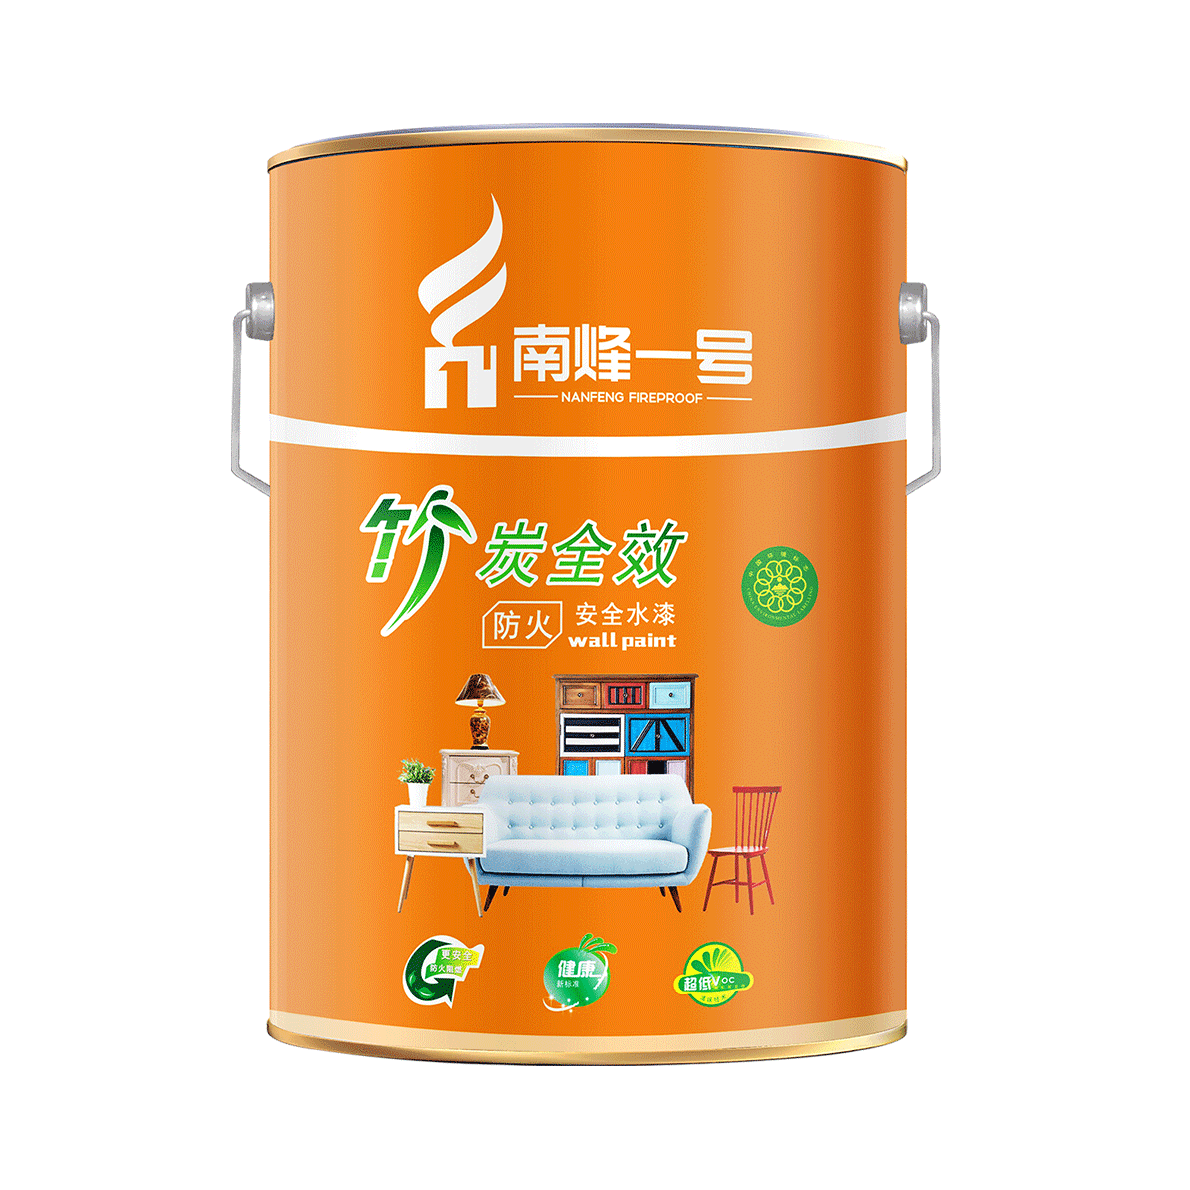 南烽一號品牌竹炭安全水漆面漆防火涂料油漆乳膠漆